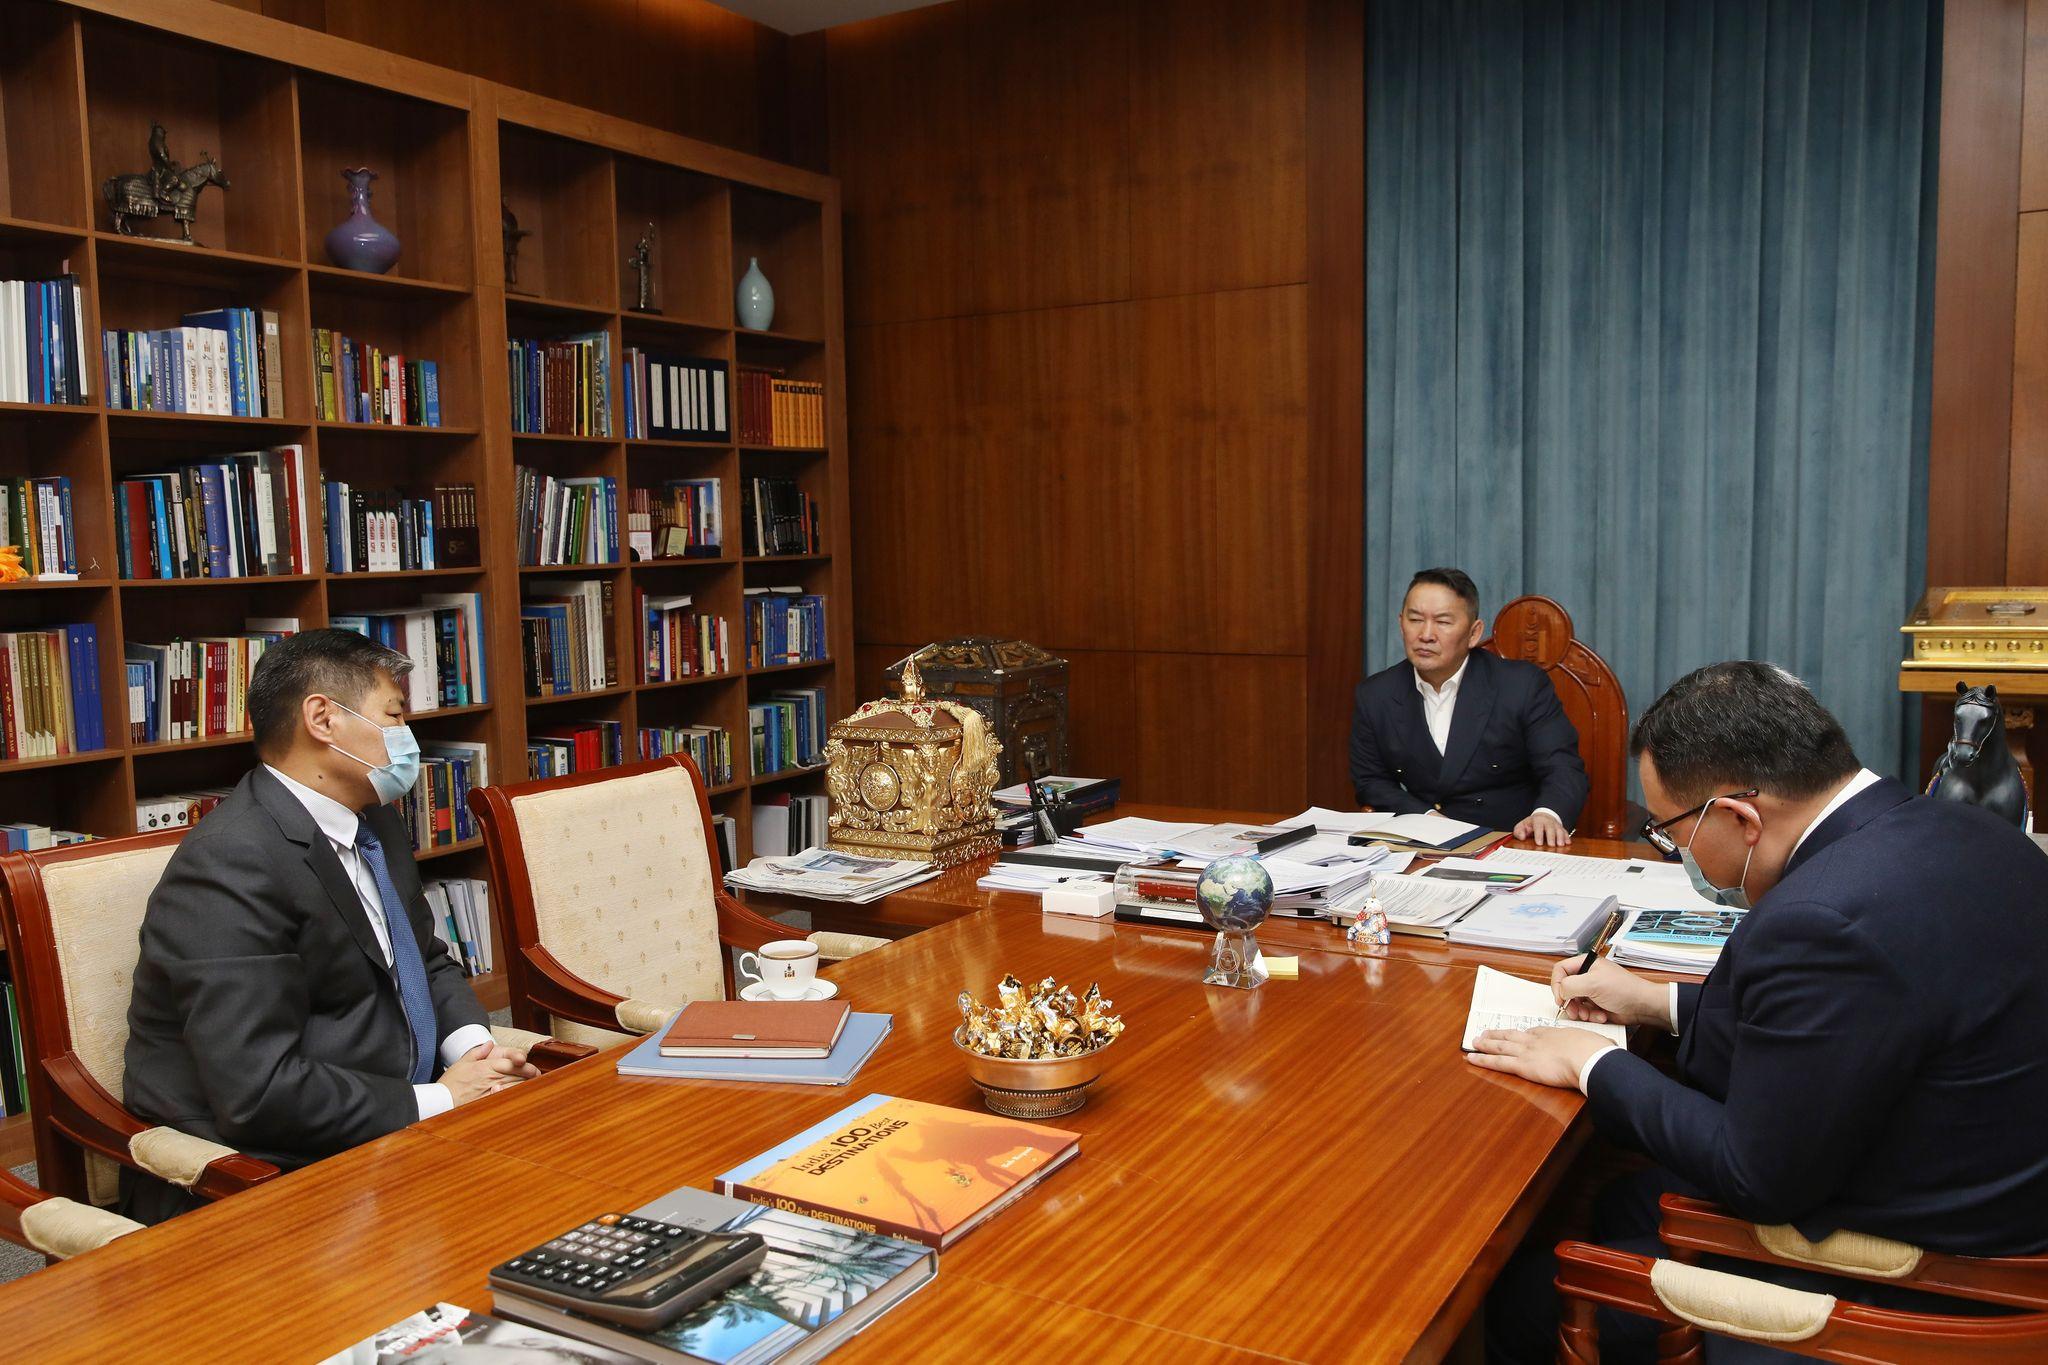 Монгол Улсын Ерөнхийлөгч Х.Баттулга Монгол Улсаас БНХАУ-д суугаа Элчин сайд Т.Бадралыг хүлээн авч уулзлаа